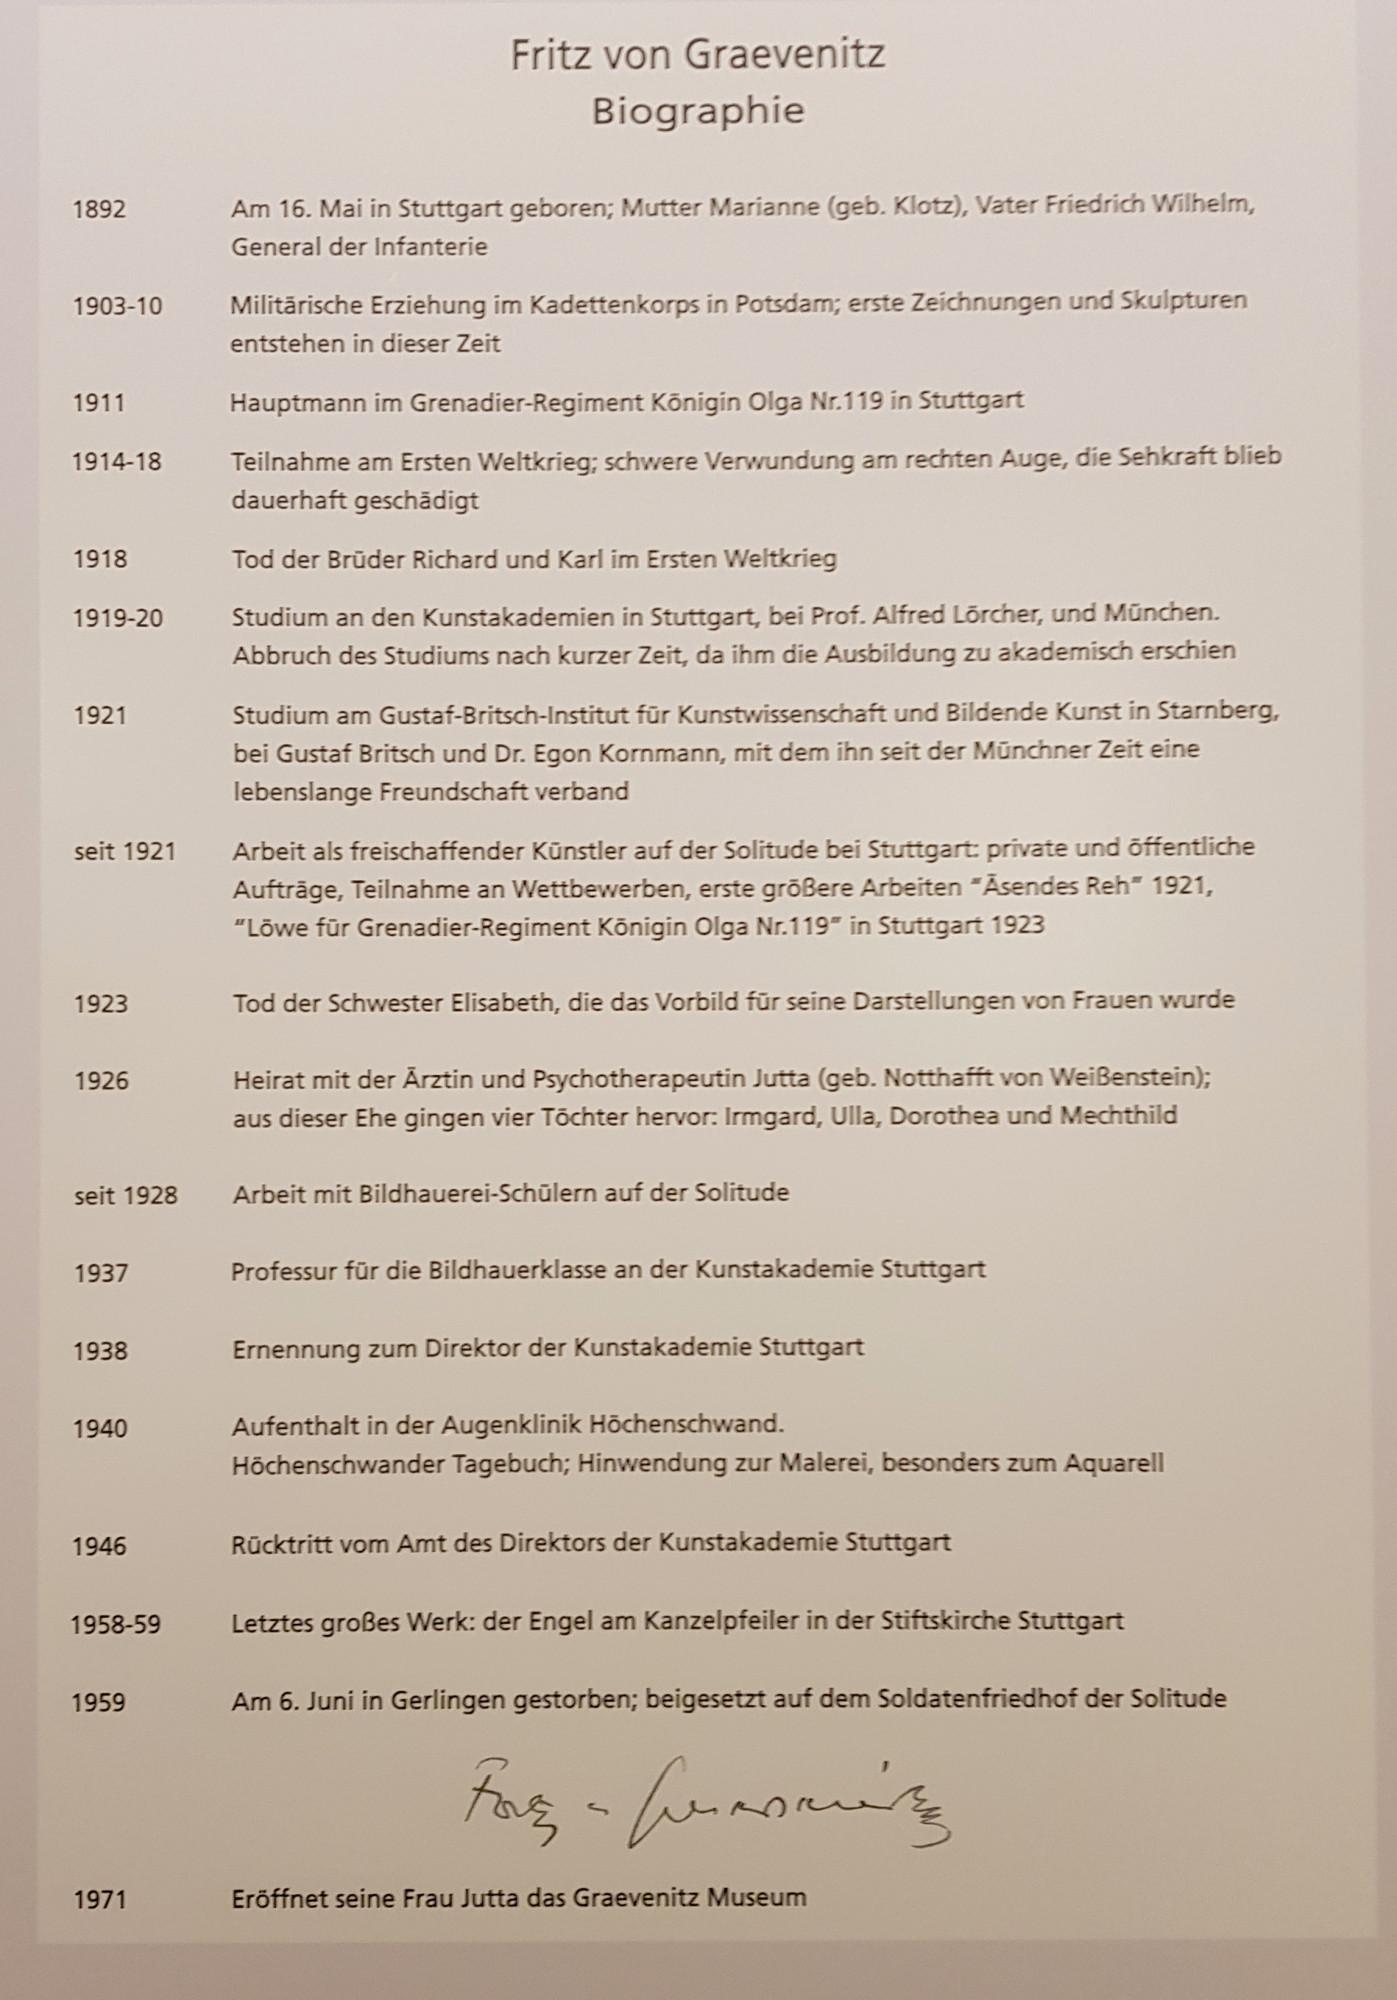 Biography of Fritz von Graevenitz as displayed at the Graevenitz Museum, Stuttgart.  Photo: Angela Anderson (2020)